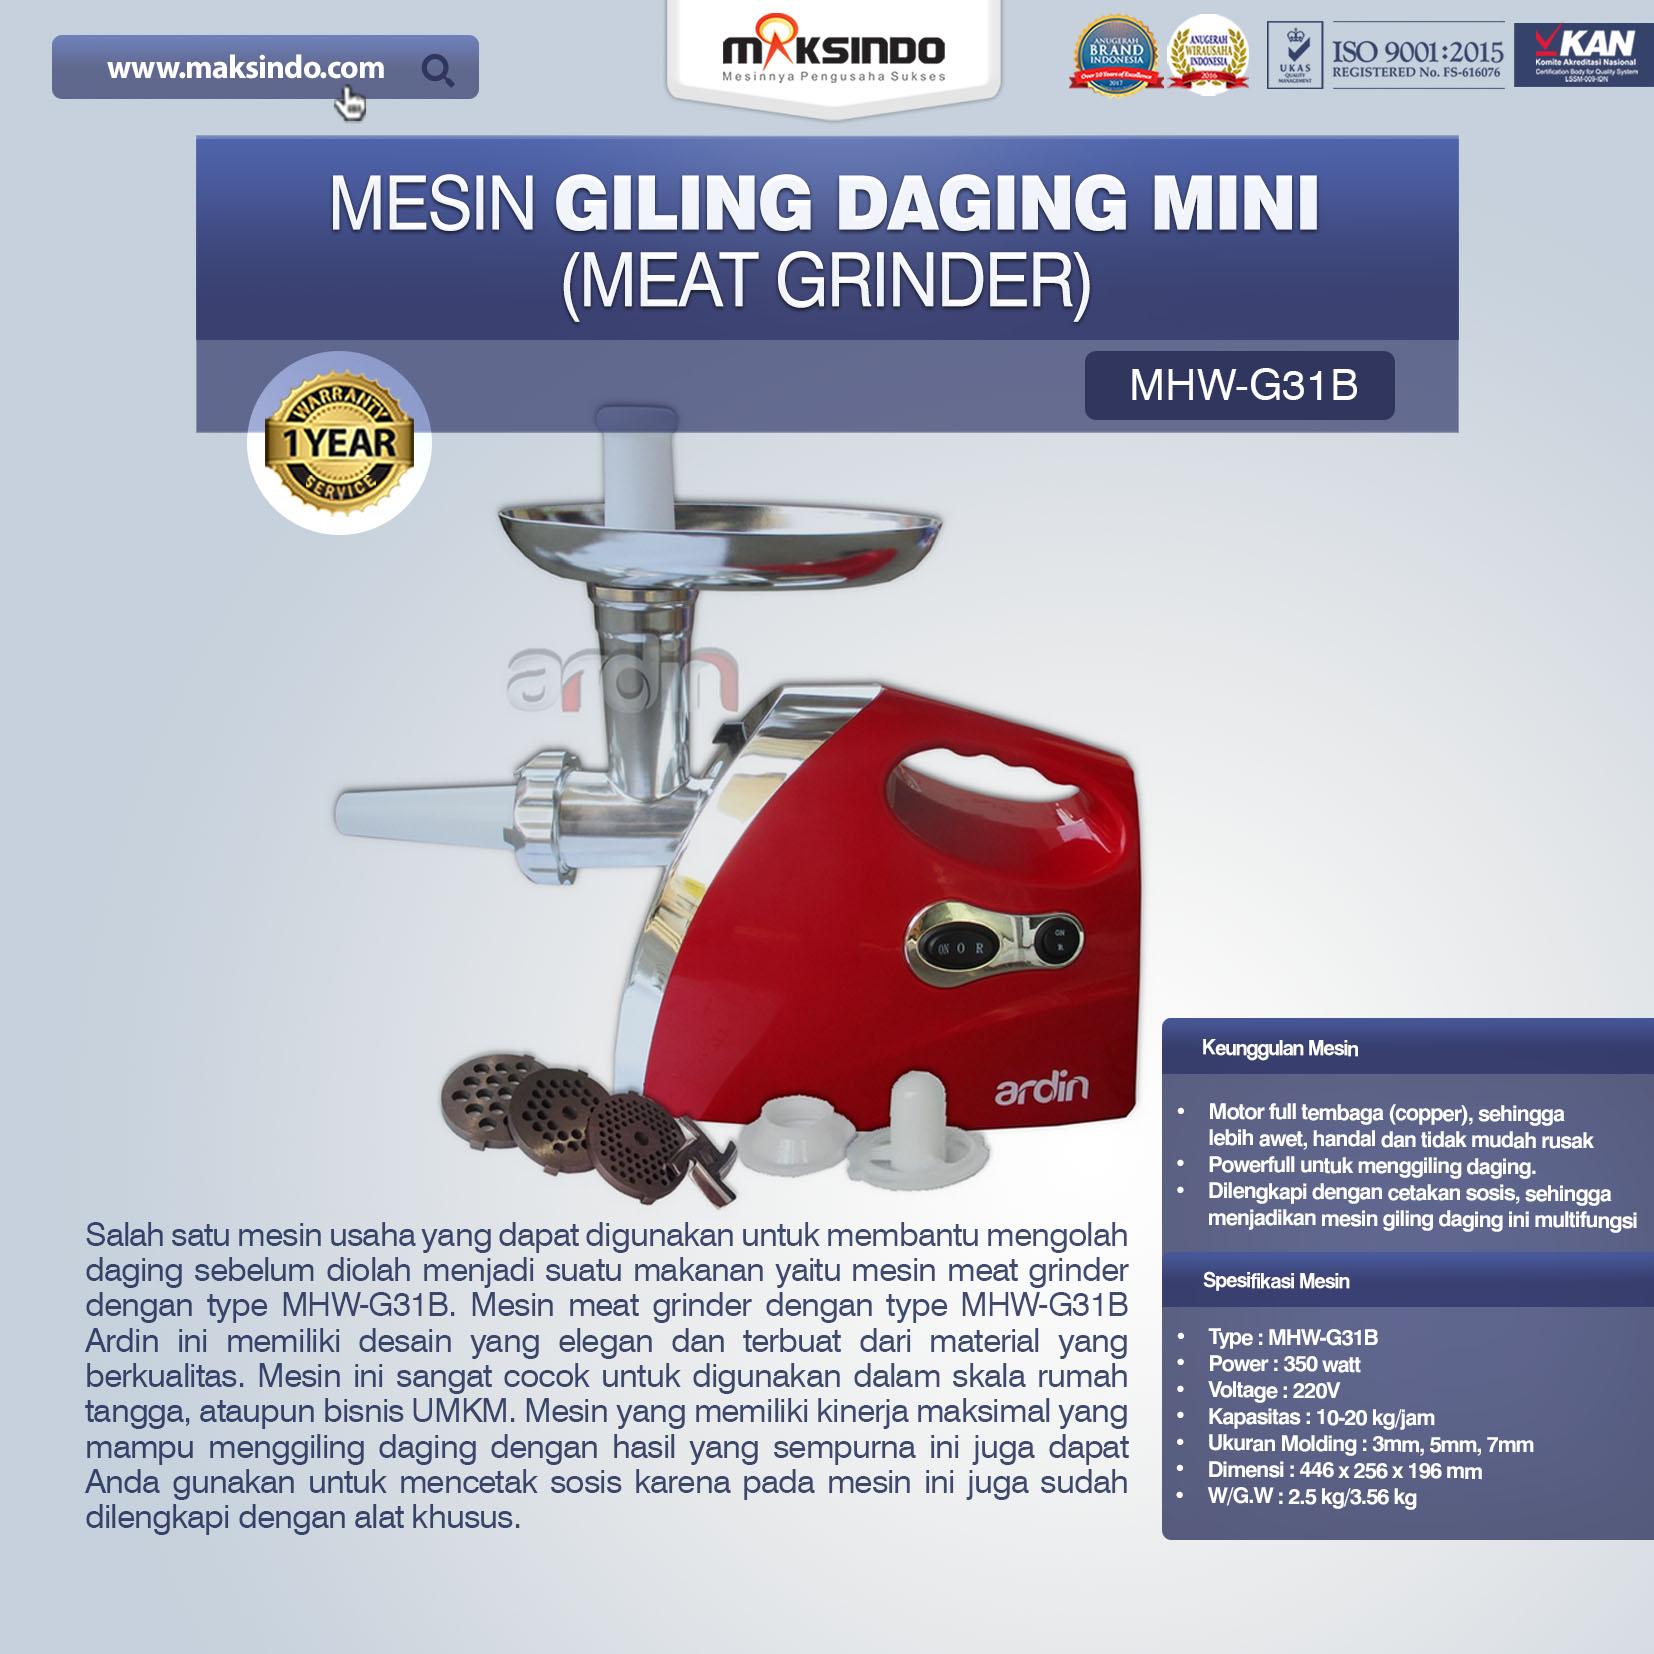 Jual Mesin Giling Daging Mini di Palembang